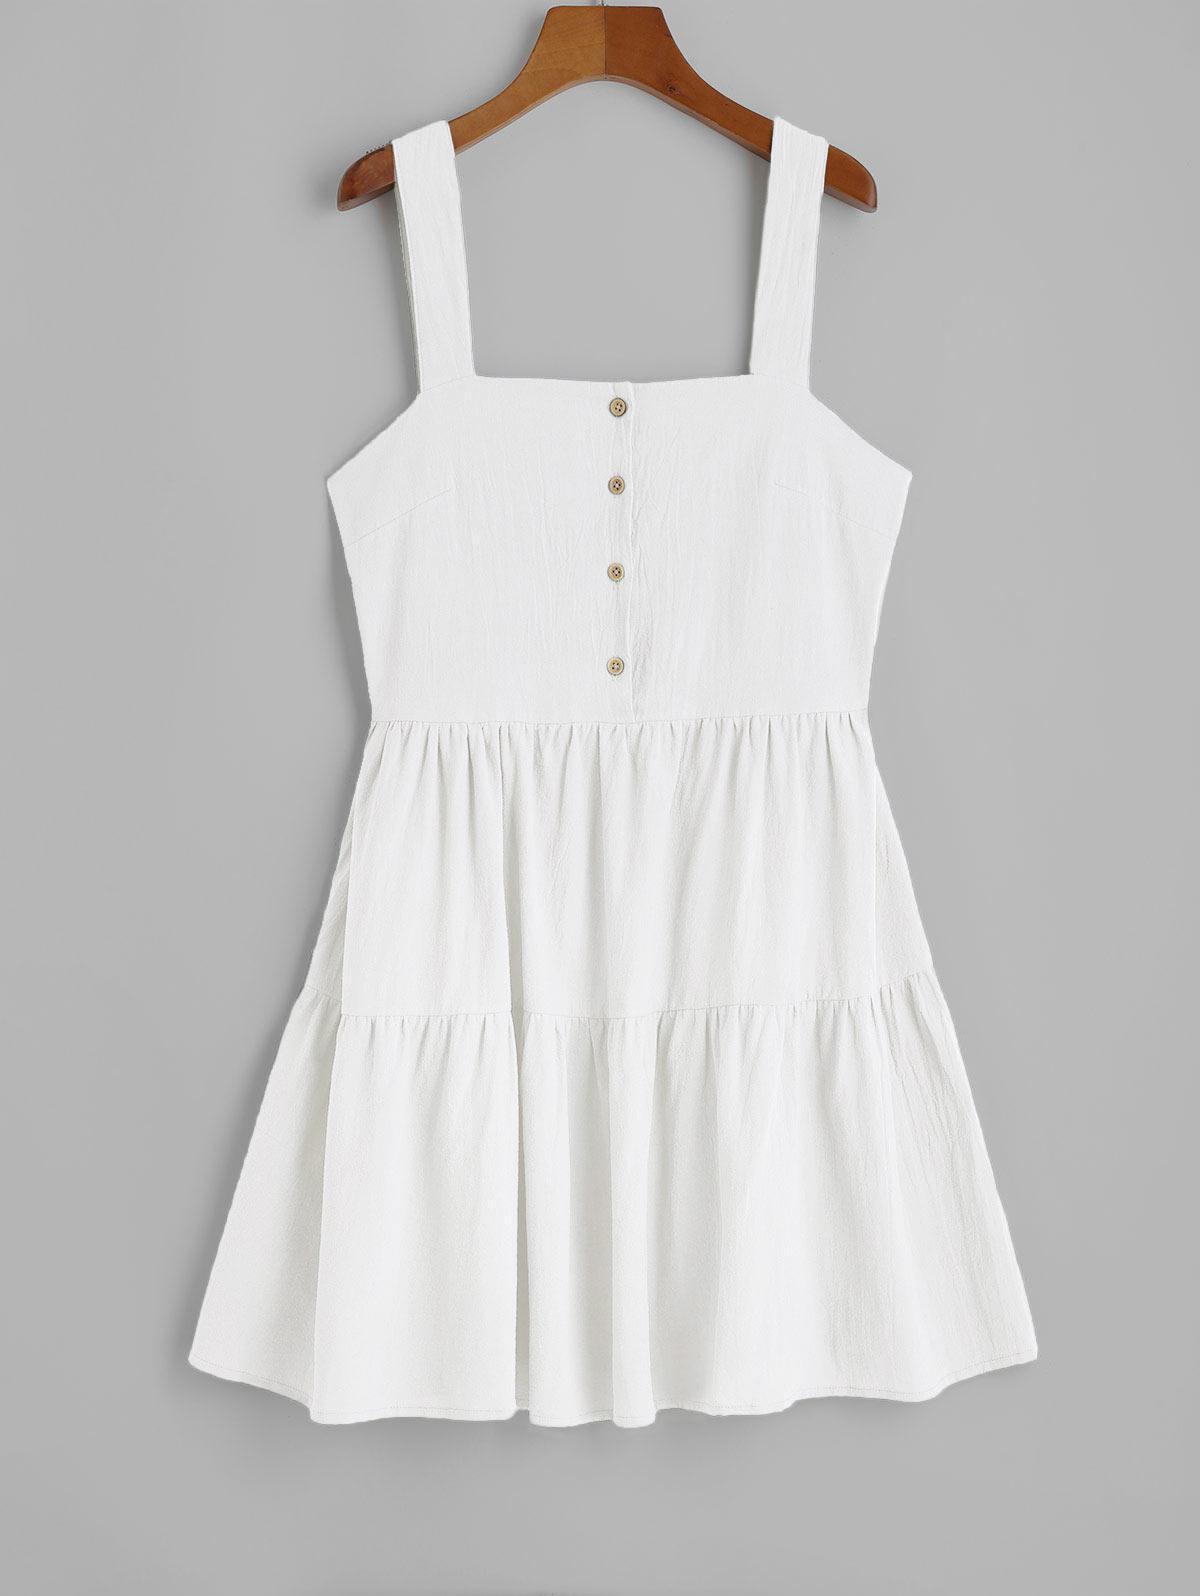 ZAFUL Casual Half Buttoned Straps Mini Dress